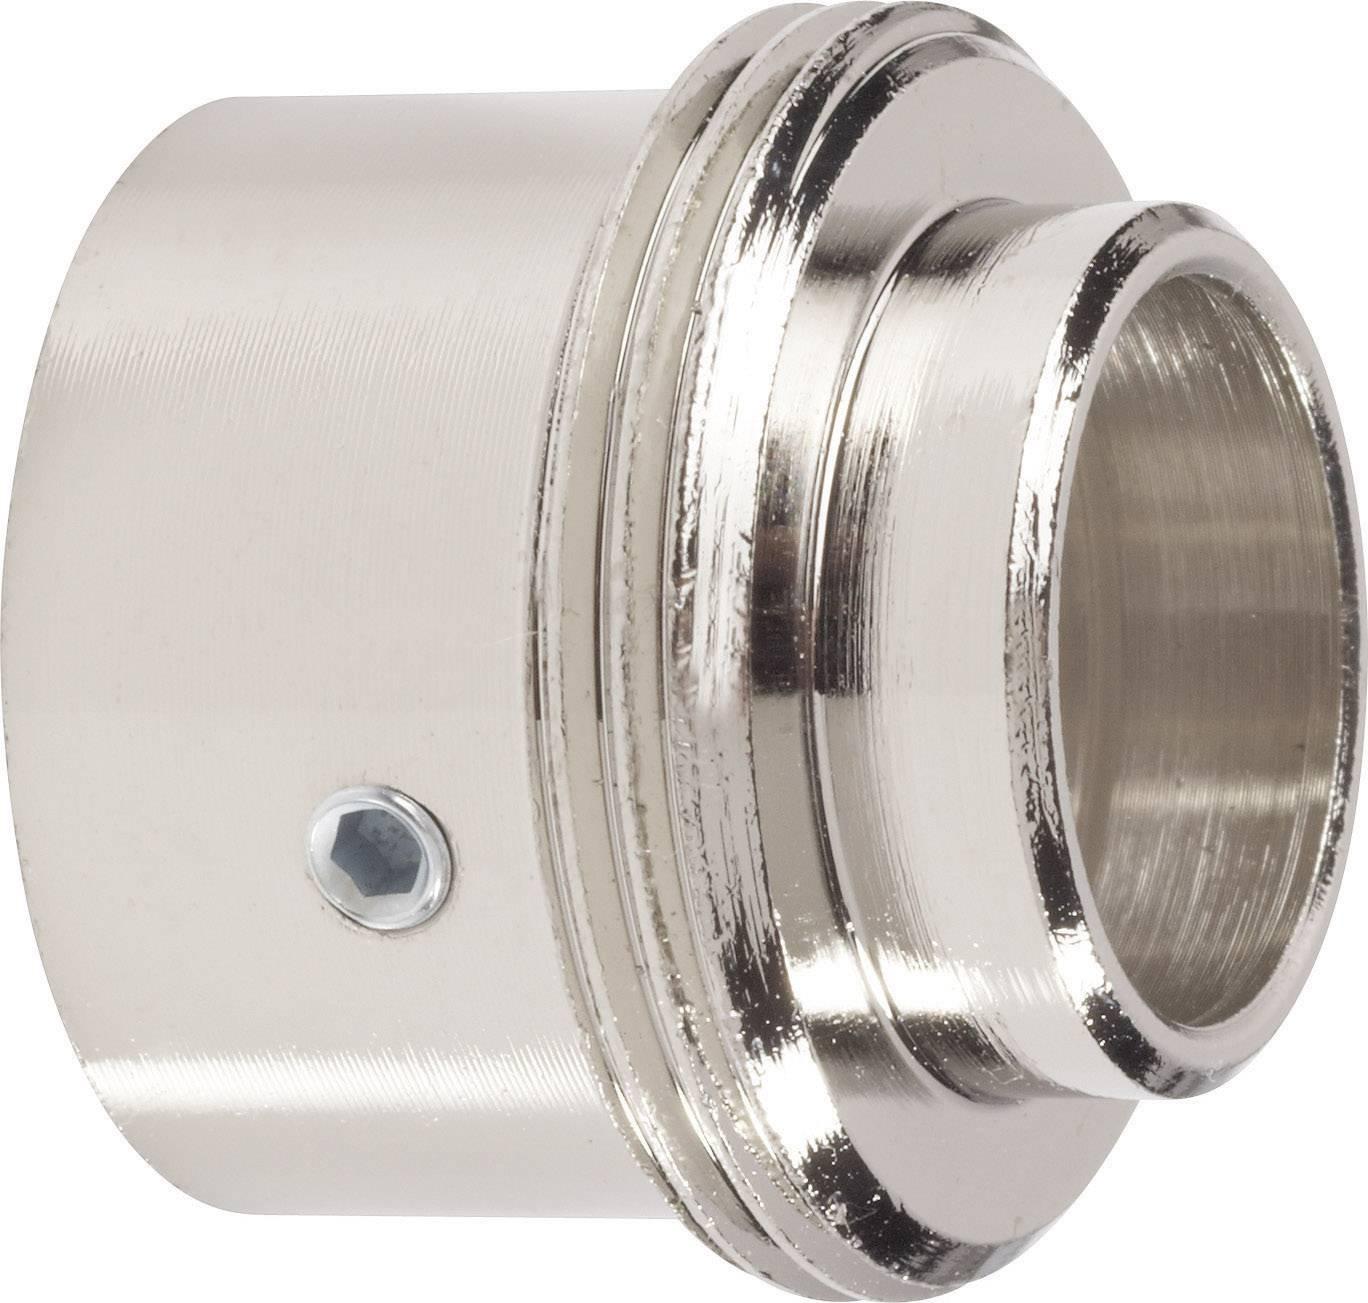 Mosazný adaptér termostatického ventilu Danfoss RA Danfoss RA 700 100 005 vhodný pro topné těleso Danfoss RA, 20 nebo 23 mm se 4 vroubky